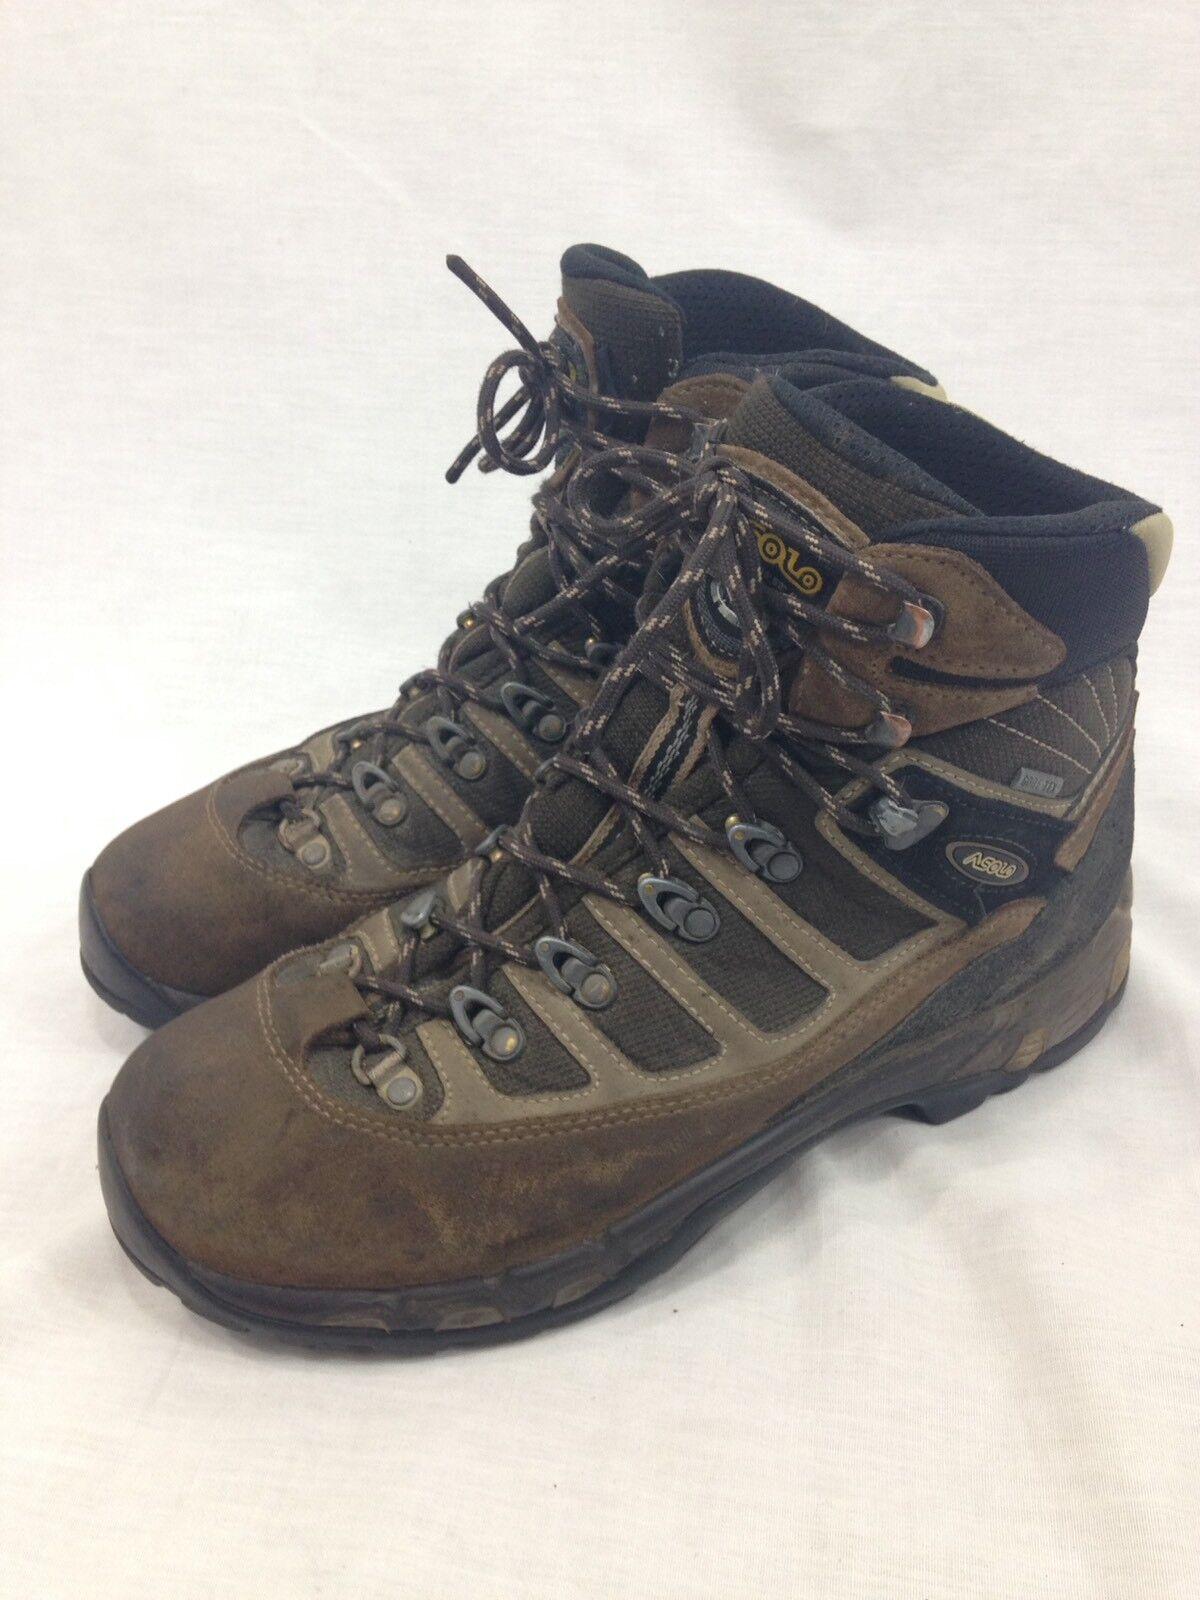 Asolo botas Senderismo Zapatos para hombre 9.5 Marrón  con Cordones Alto Top Trail Gore-Tex  bajo precio